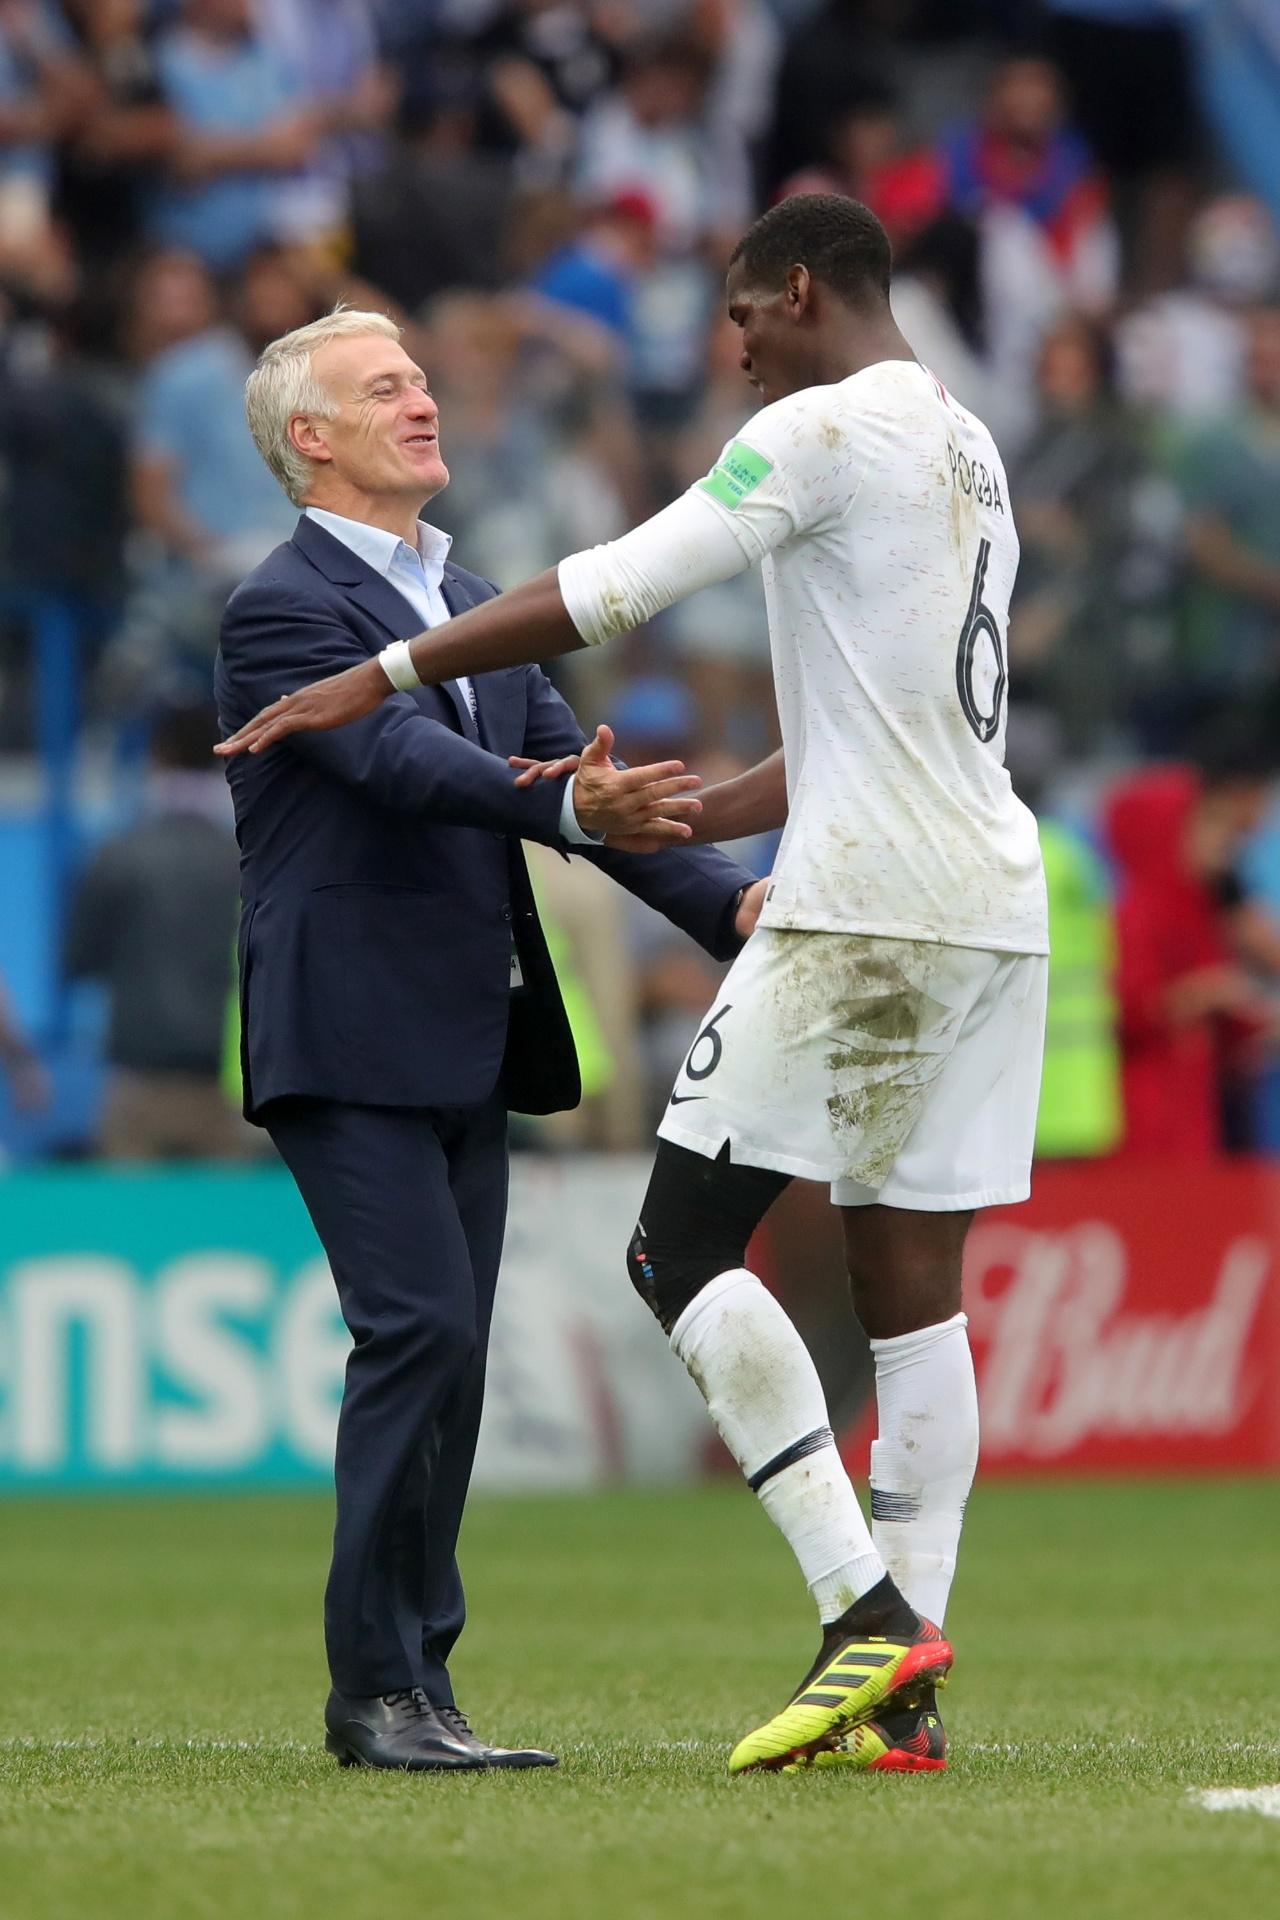 044b5eafb7 Deschamps trata repercussão sobre Pogba e Mourinho como